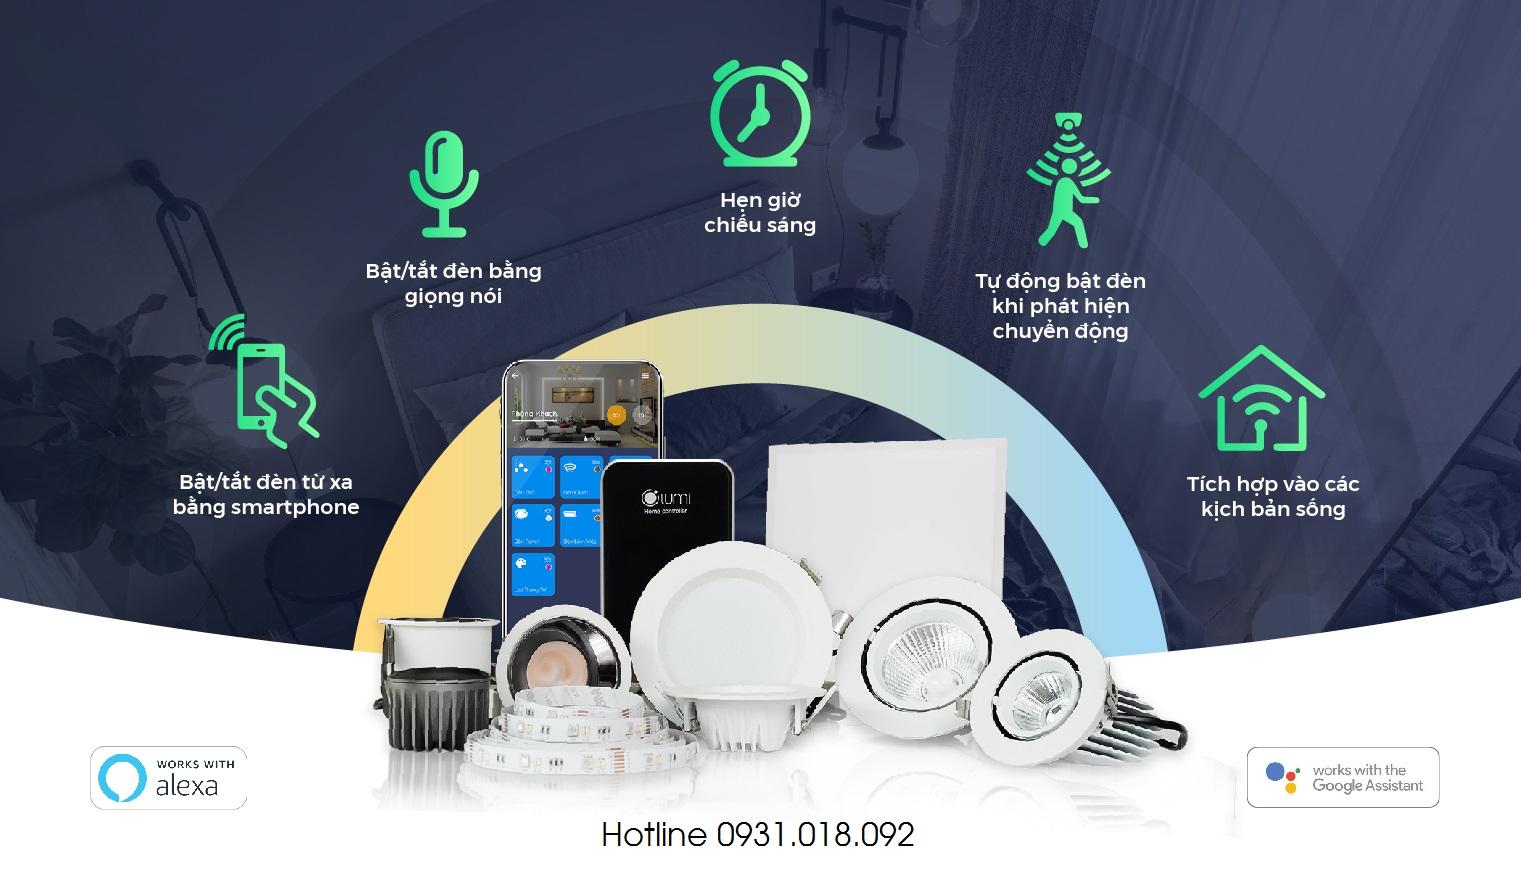 chiếu sáng thông minh lumi smart lighting